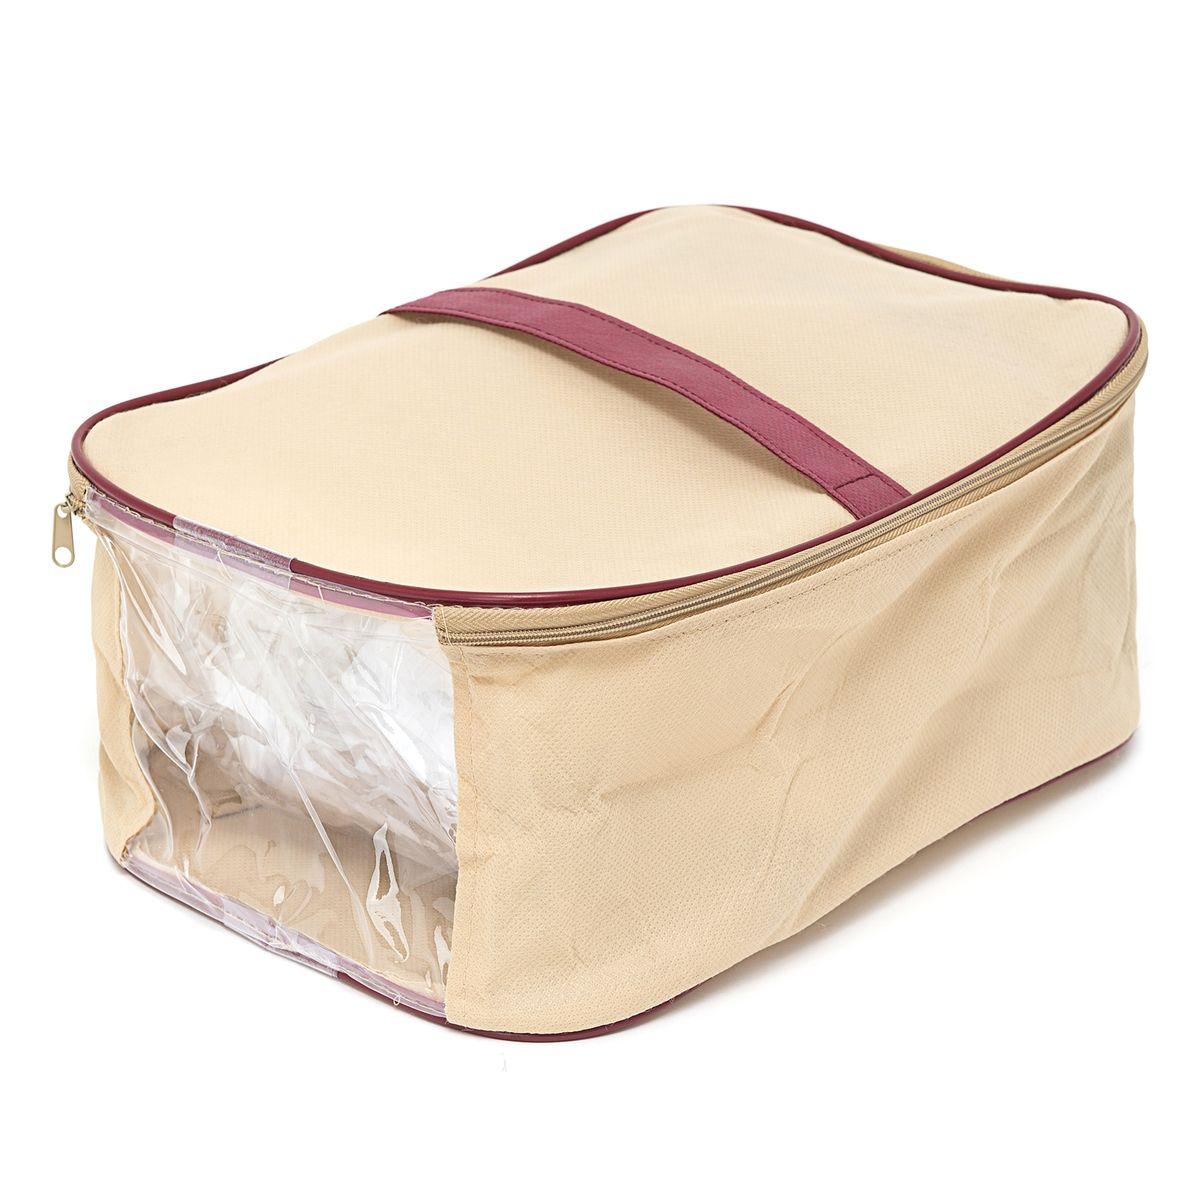 Сумка для обуви Homsu Comfort, цвет: бежевый, 36 x 16 x 23 смHOM-684Сумка для обуви Homsu Comfort выполнена из спанбонда и поливинилхлорида. Удобная сумка для хранения и перевозки обуви дополнена крышкой с застежкой-молнией. В сумке имеется удобное окошко, через которое всегда можно увидеть, что находится внутри. Изделие дополнено ручкой для удобства переноски.